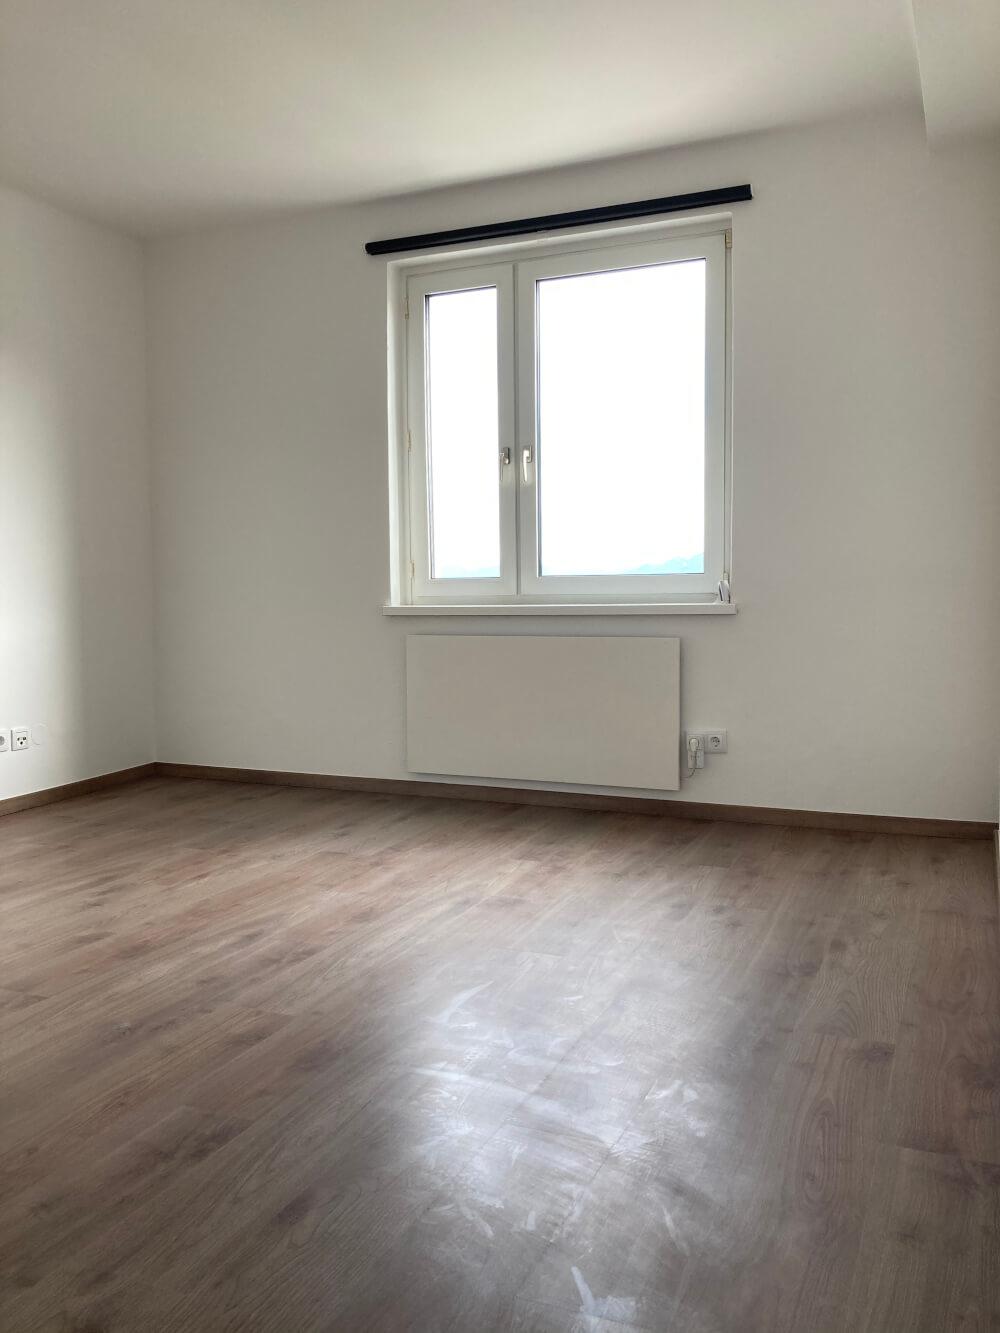 Immobilie von BWSG in Teuffenbachstraße 28/023, 8750 Judenburg #2